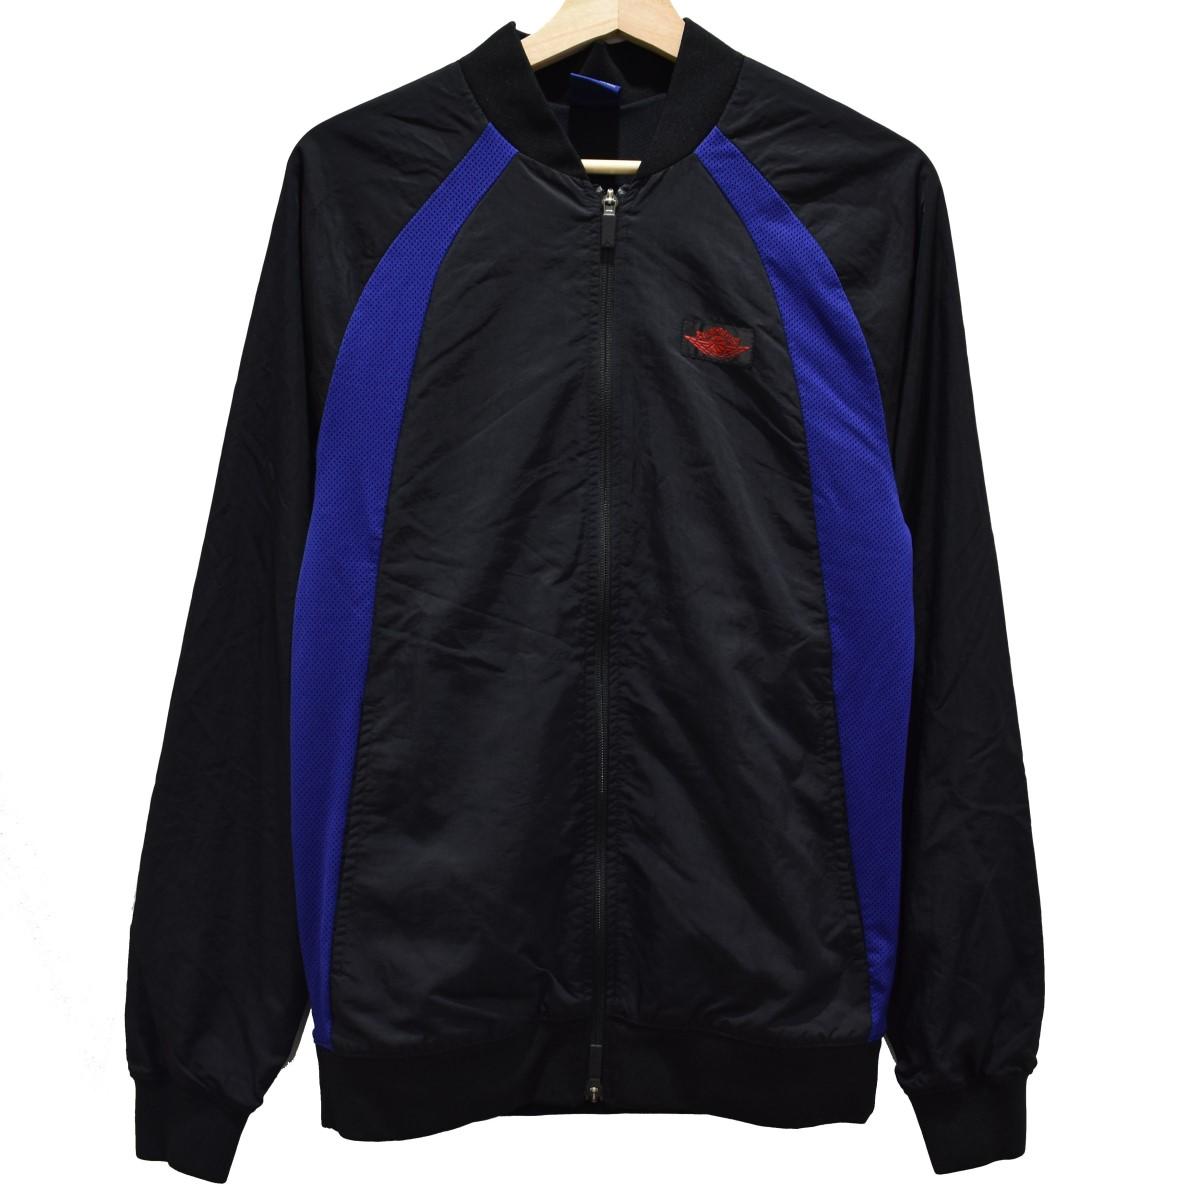 【中古】NIKE AIR JORDAN1 WINGS JACKET ジップアップブルゾン ブラック サイズ:S 【010420】(ナイキ)